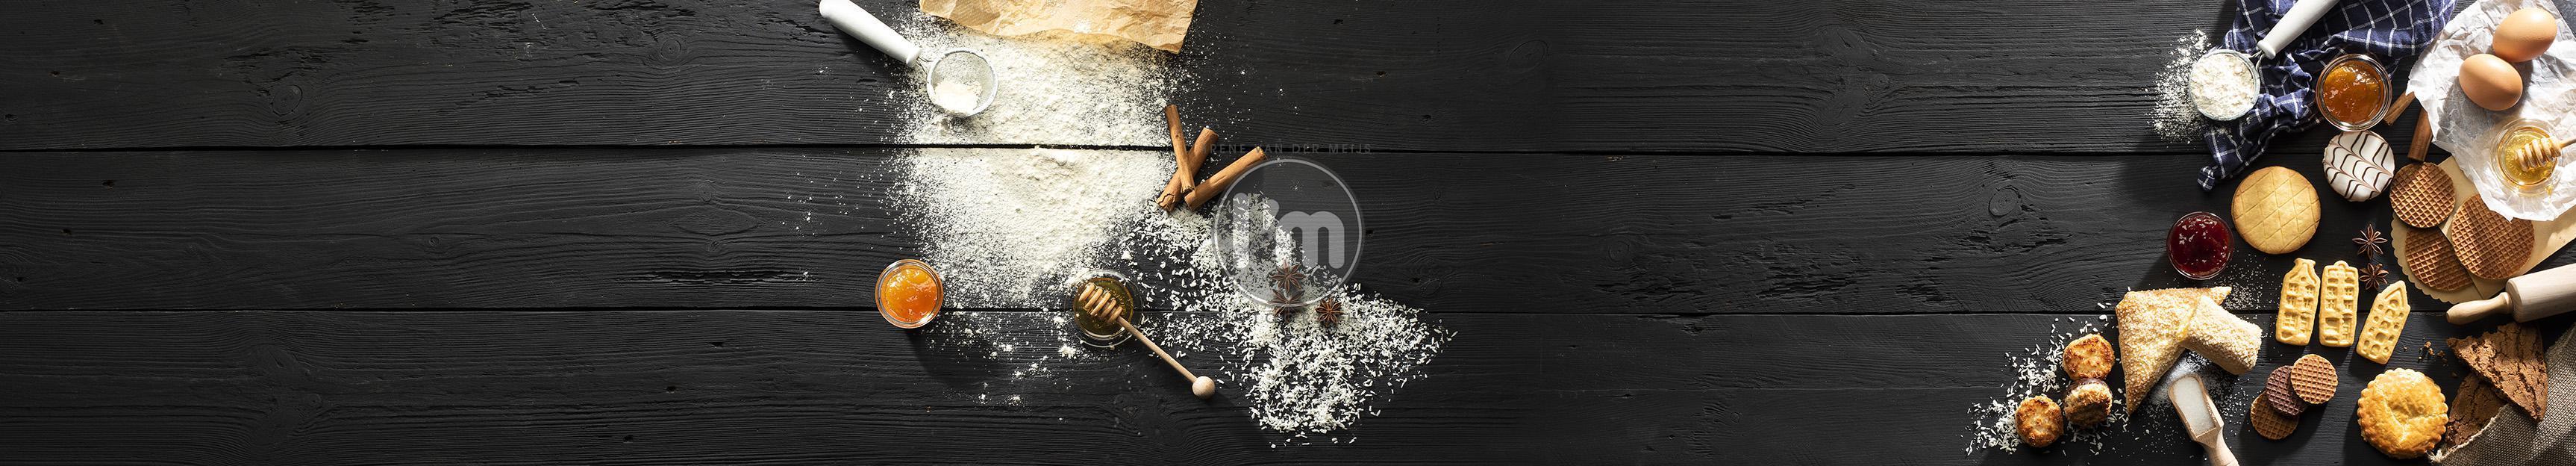 sfeer-foodfotograaf1